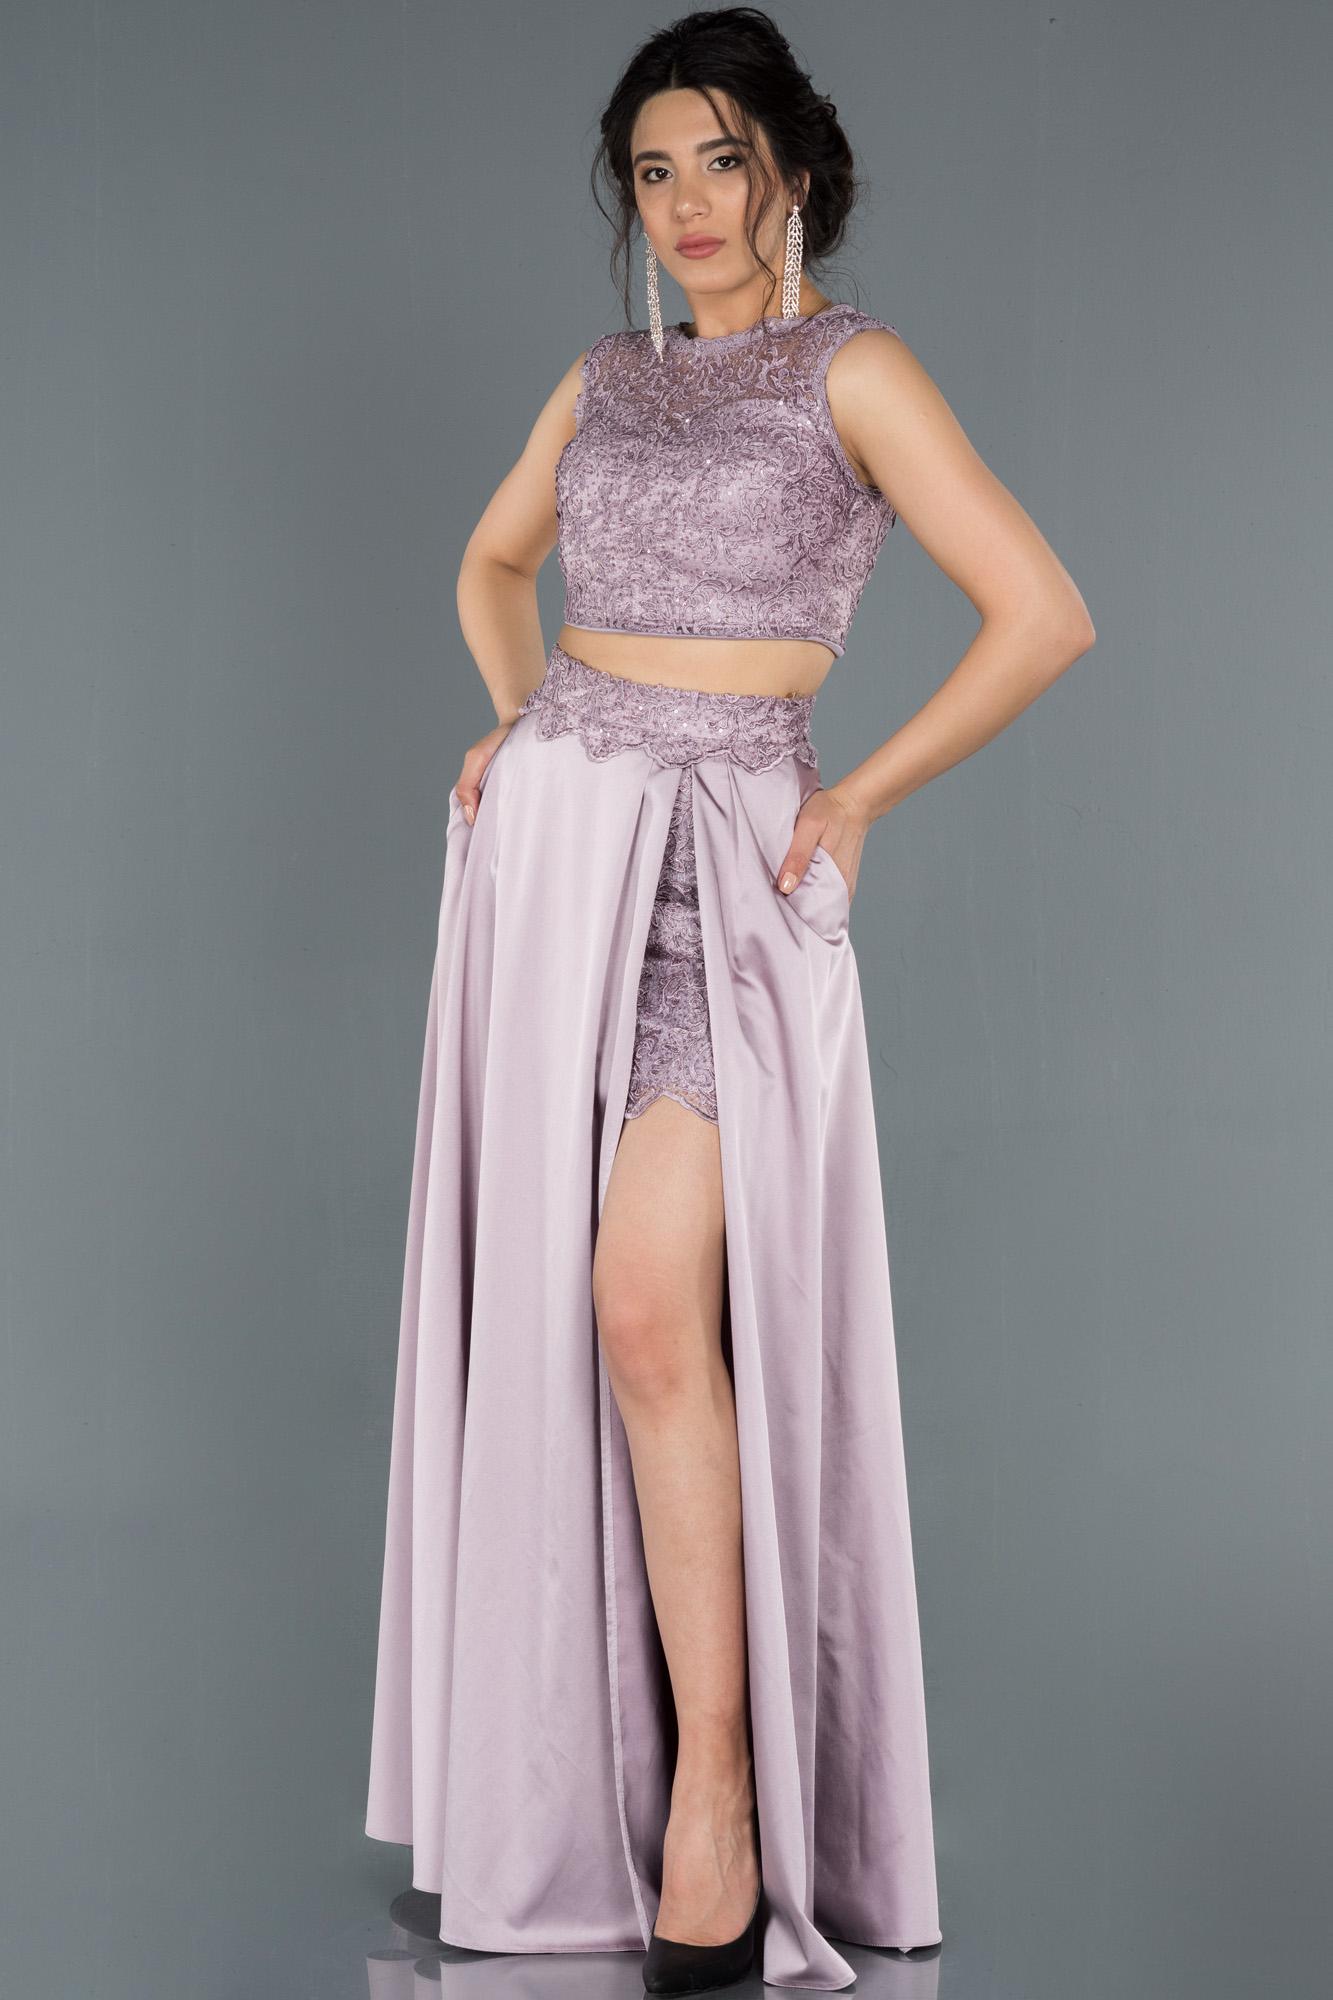 Lavanta Bacak Dekolteli Güpürlü Saten Abiye Elbise